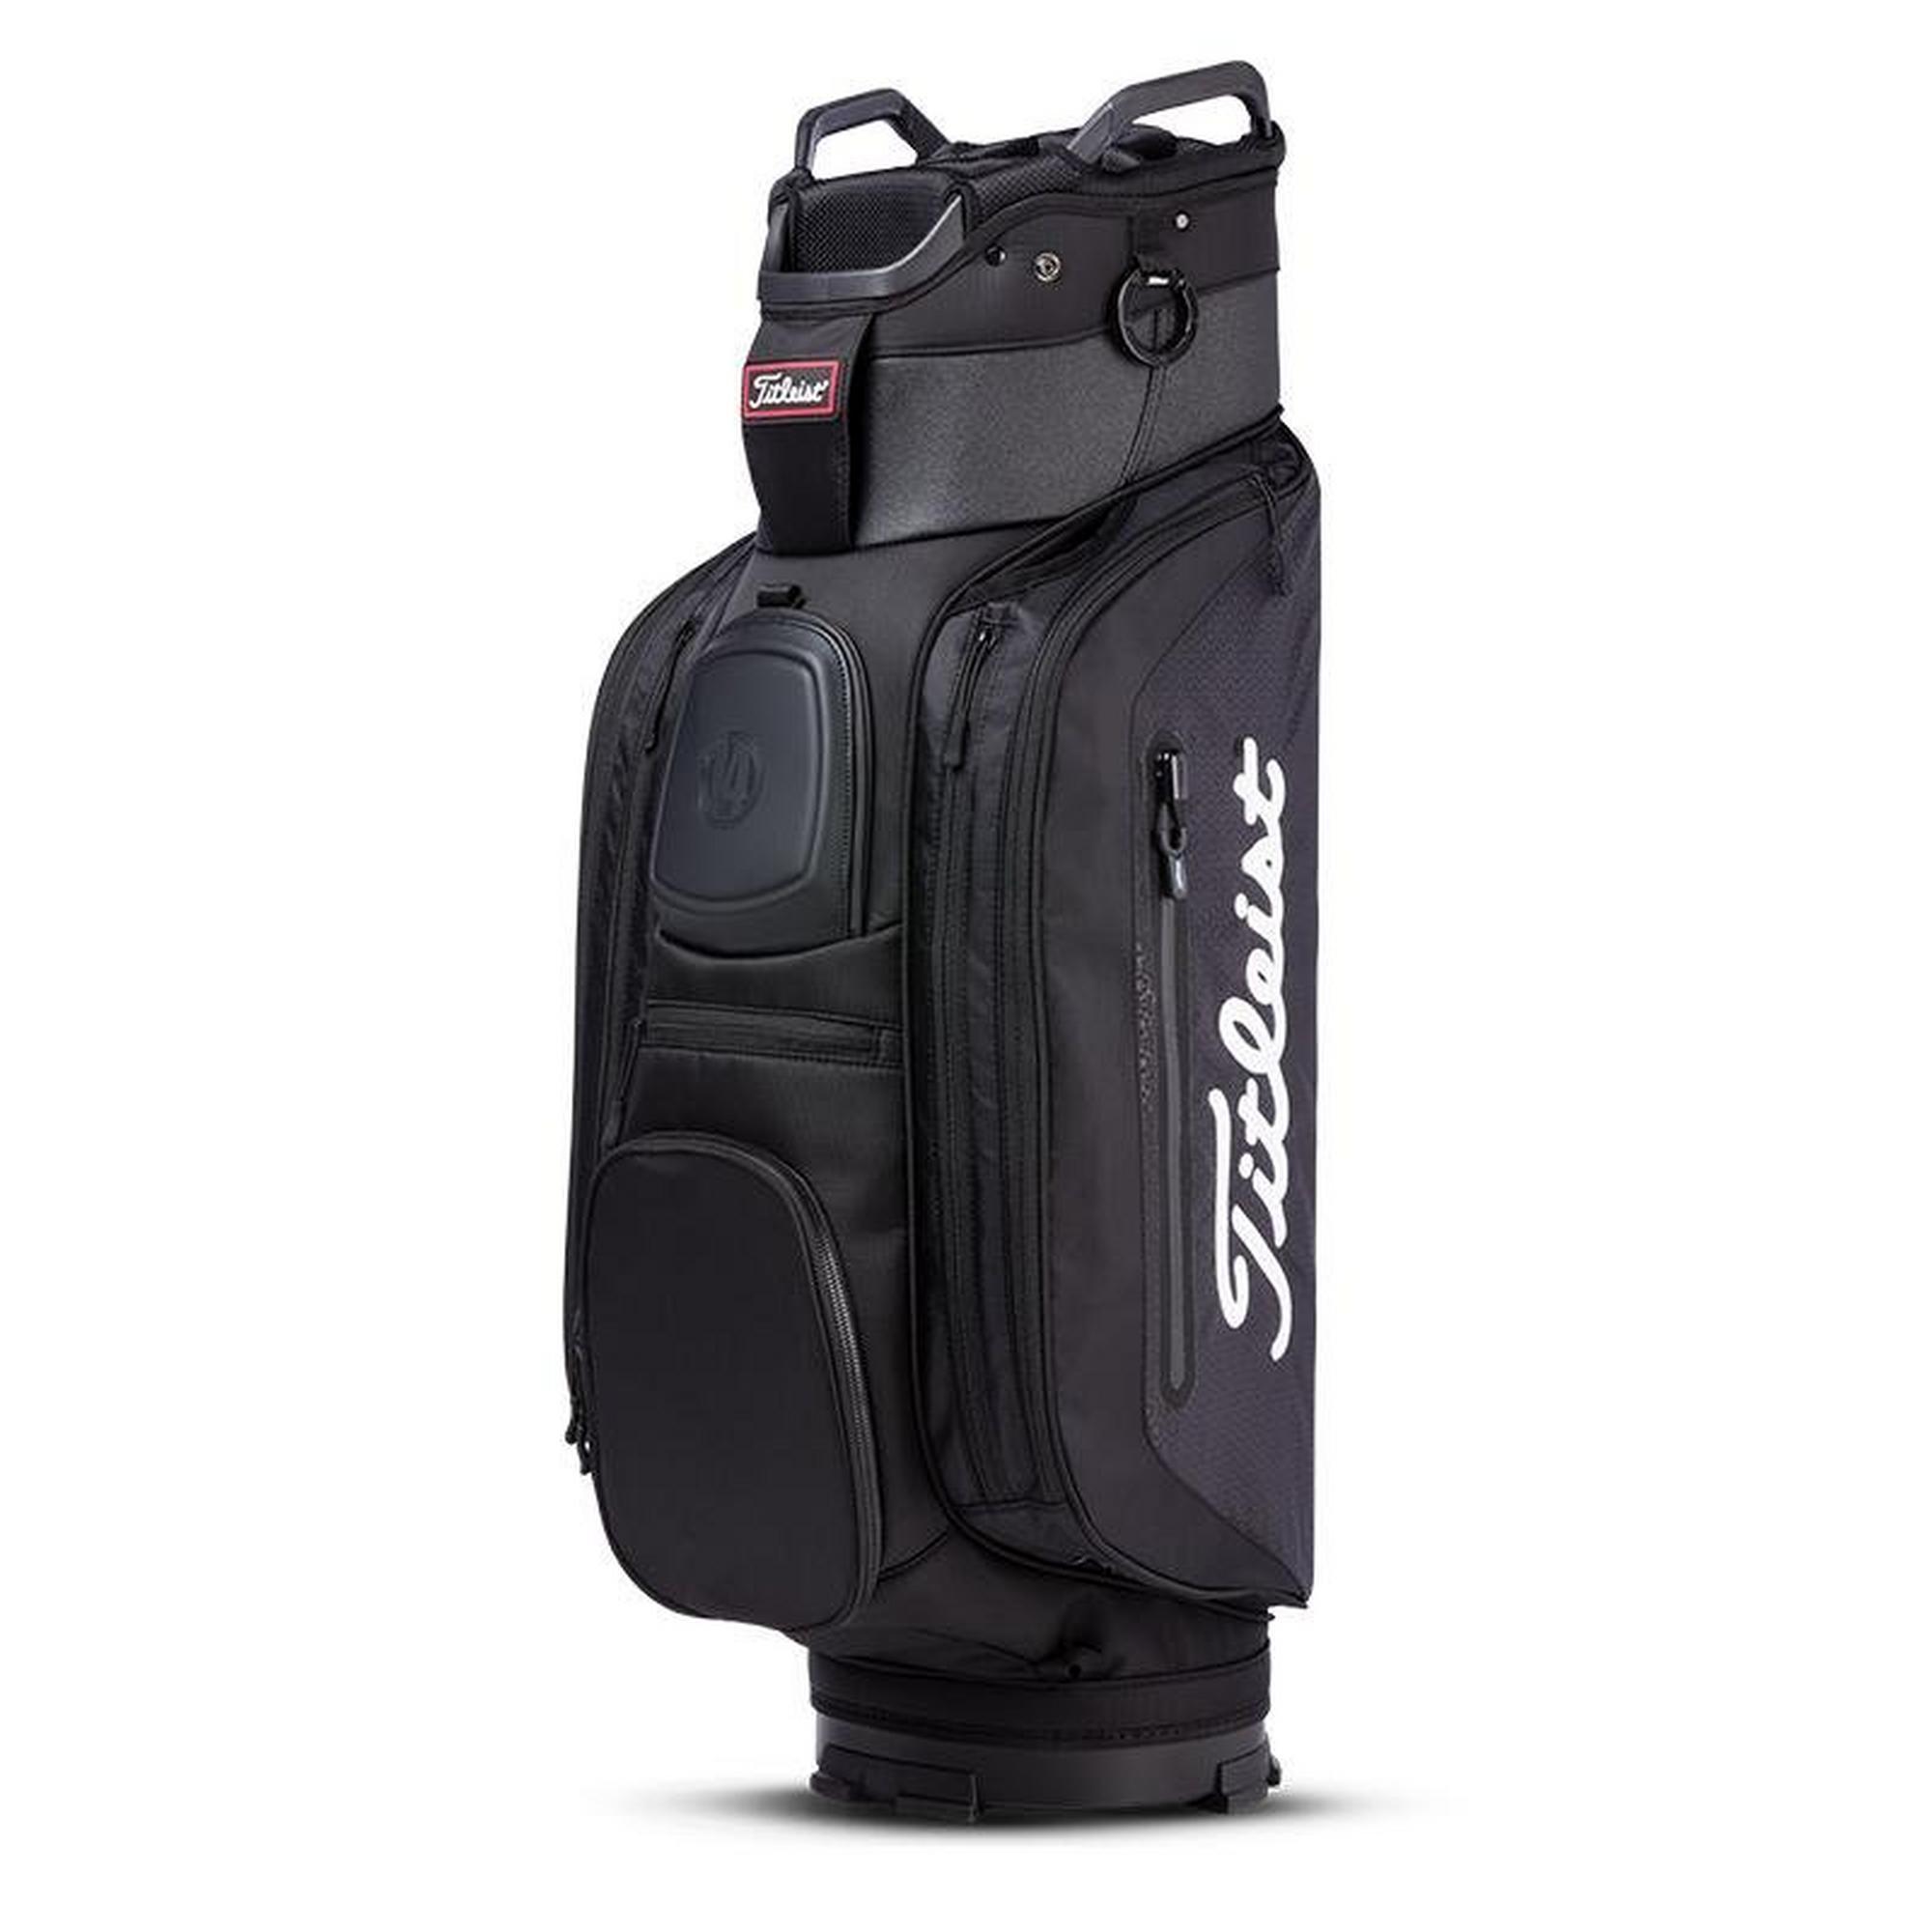 Clubs 14 Cart Bag